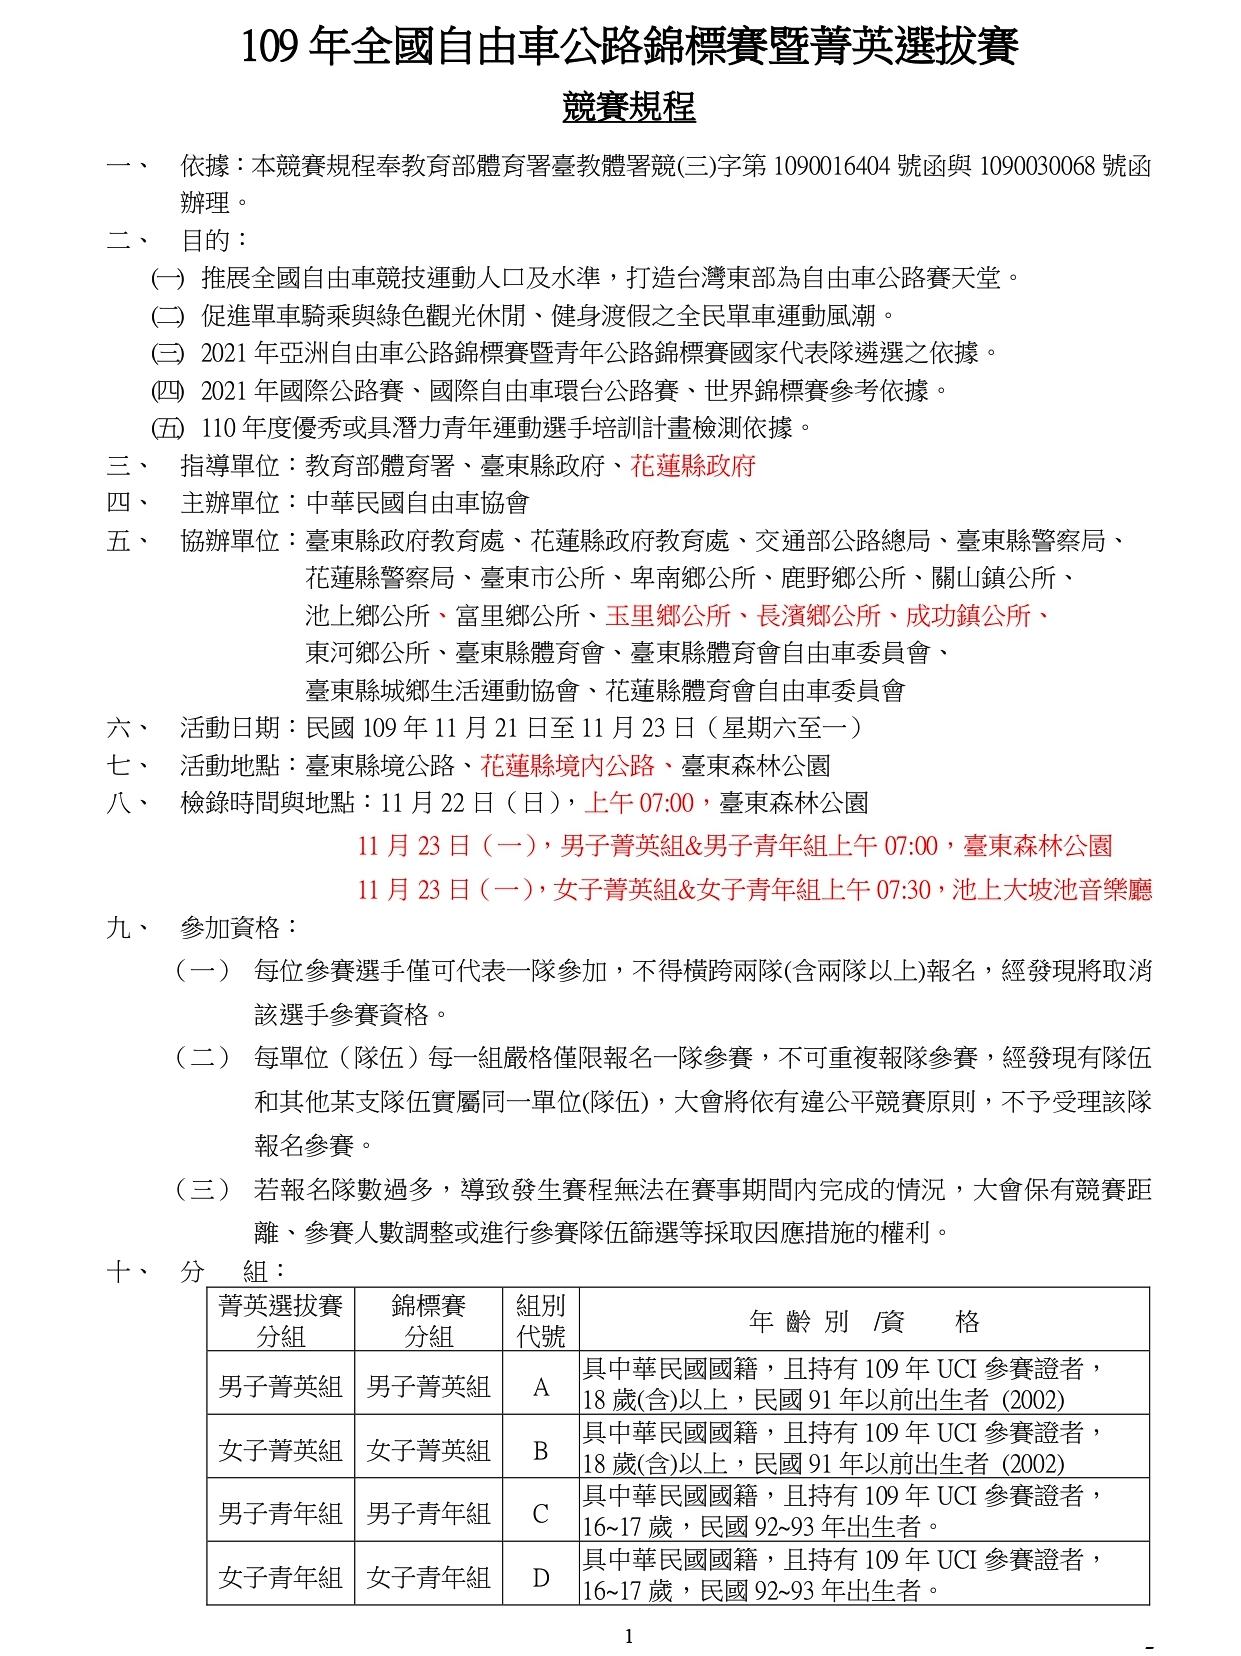 109年全國自由車公路錦標賽_競賽規程1027final_pages-to-jpg-0001